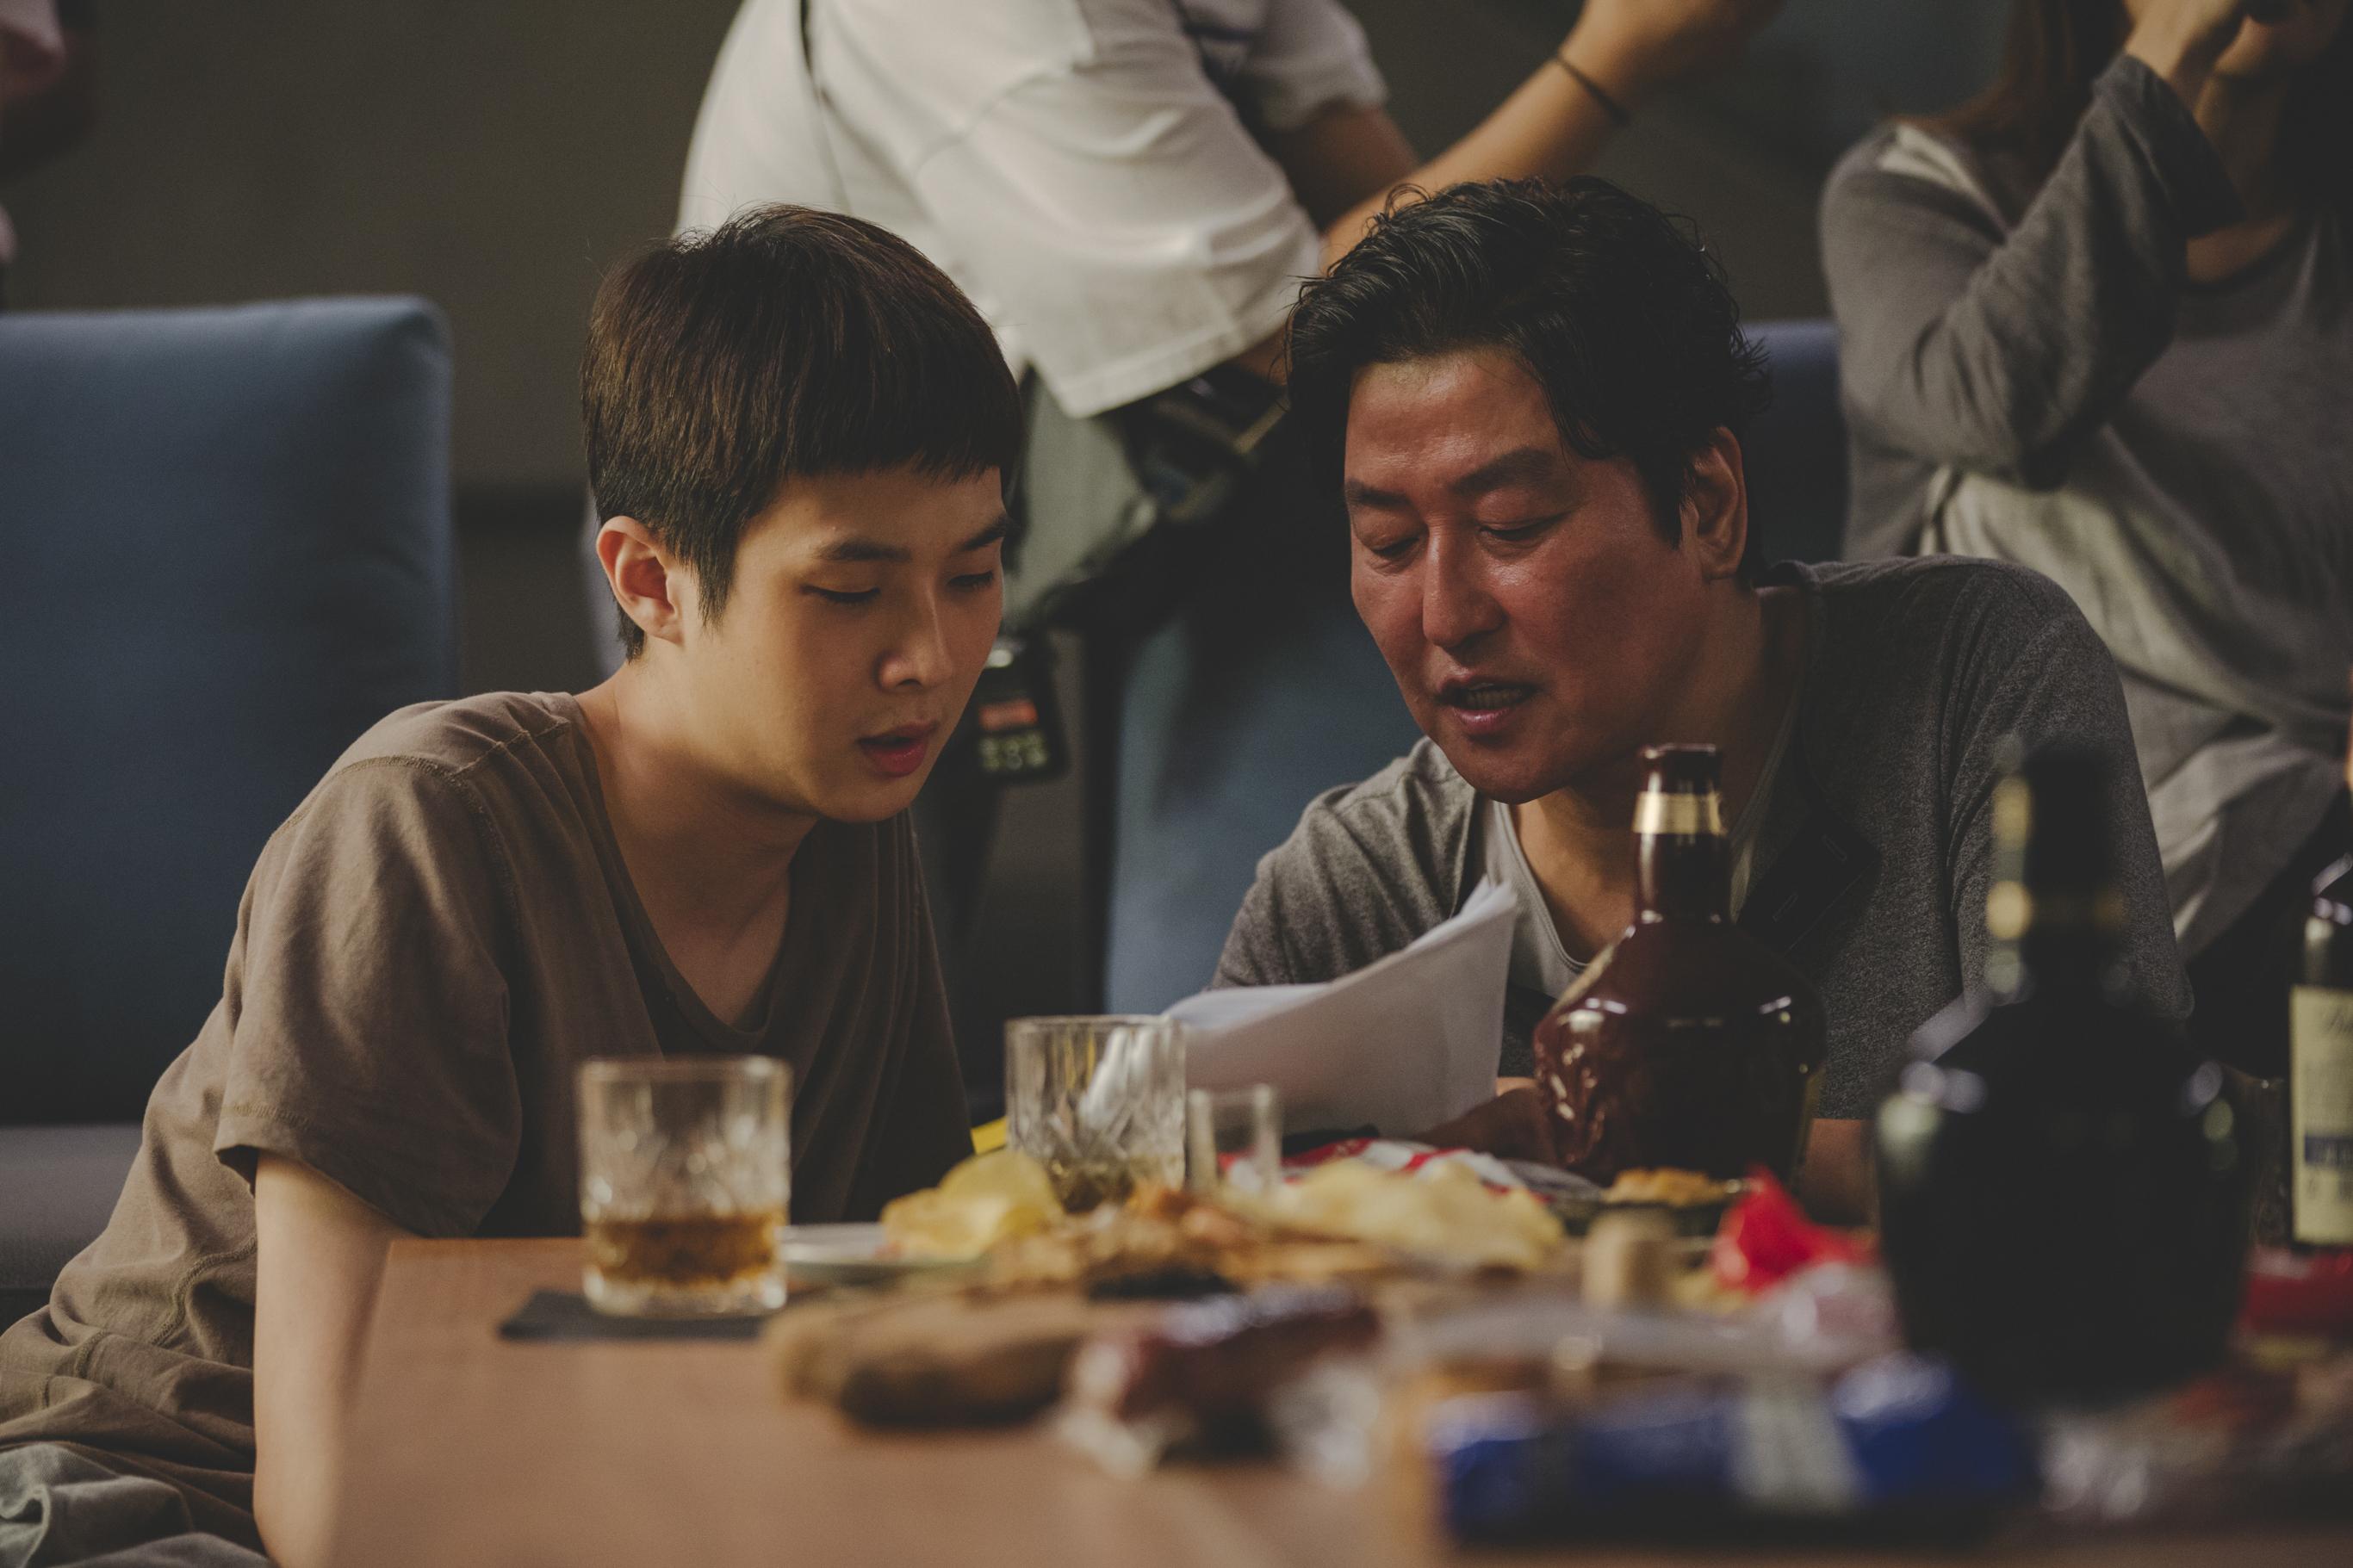 《寄生上流》導演奉俊昊親筆信請觀眾勿劇透  感性告白影帝宋康昊是團隊的心靈支柱